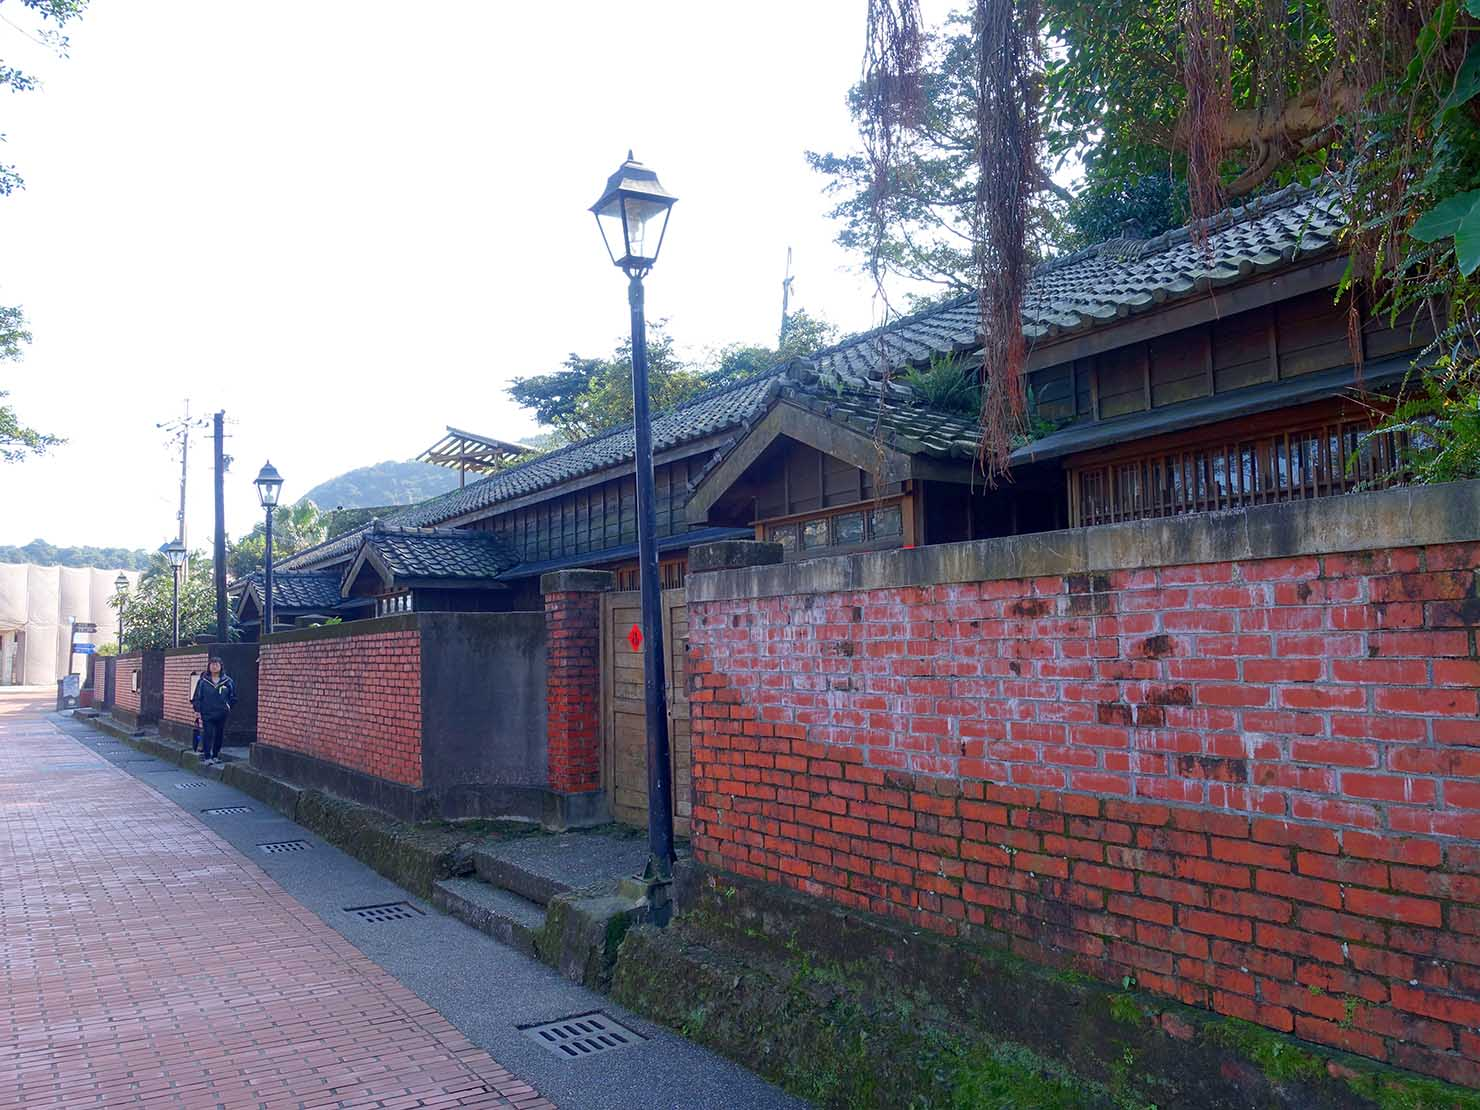 台北・金瓜石黃金博物館敷地内にある日本家屋